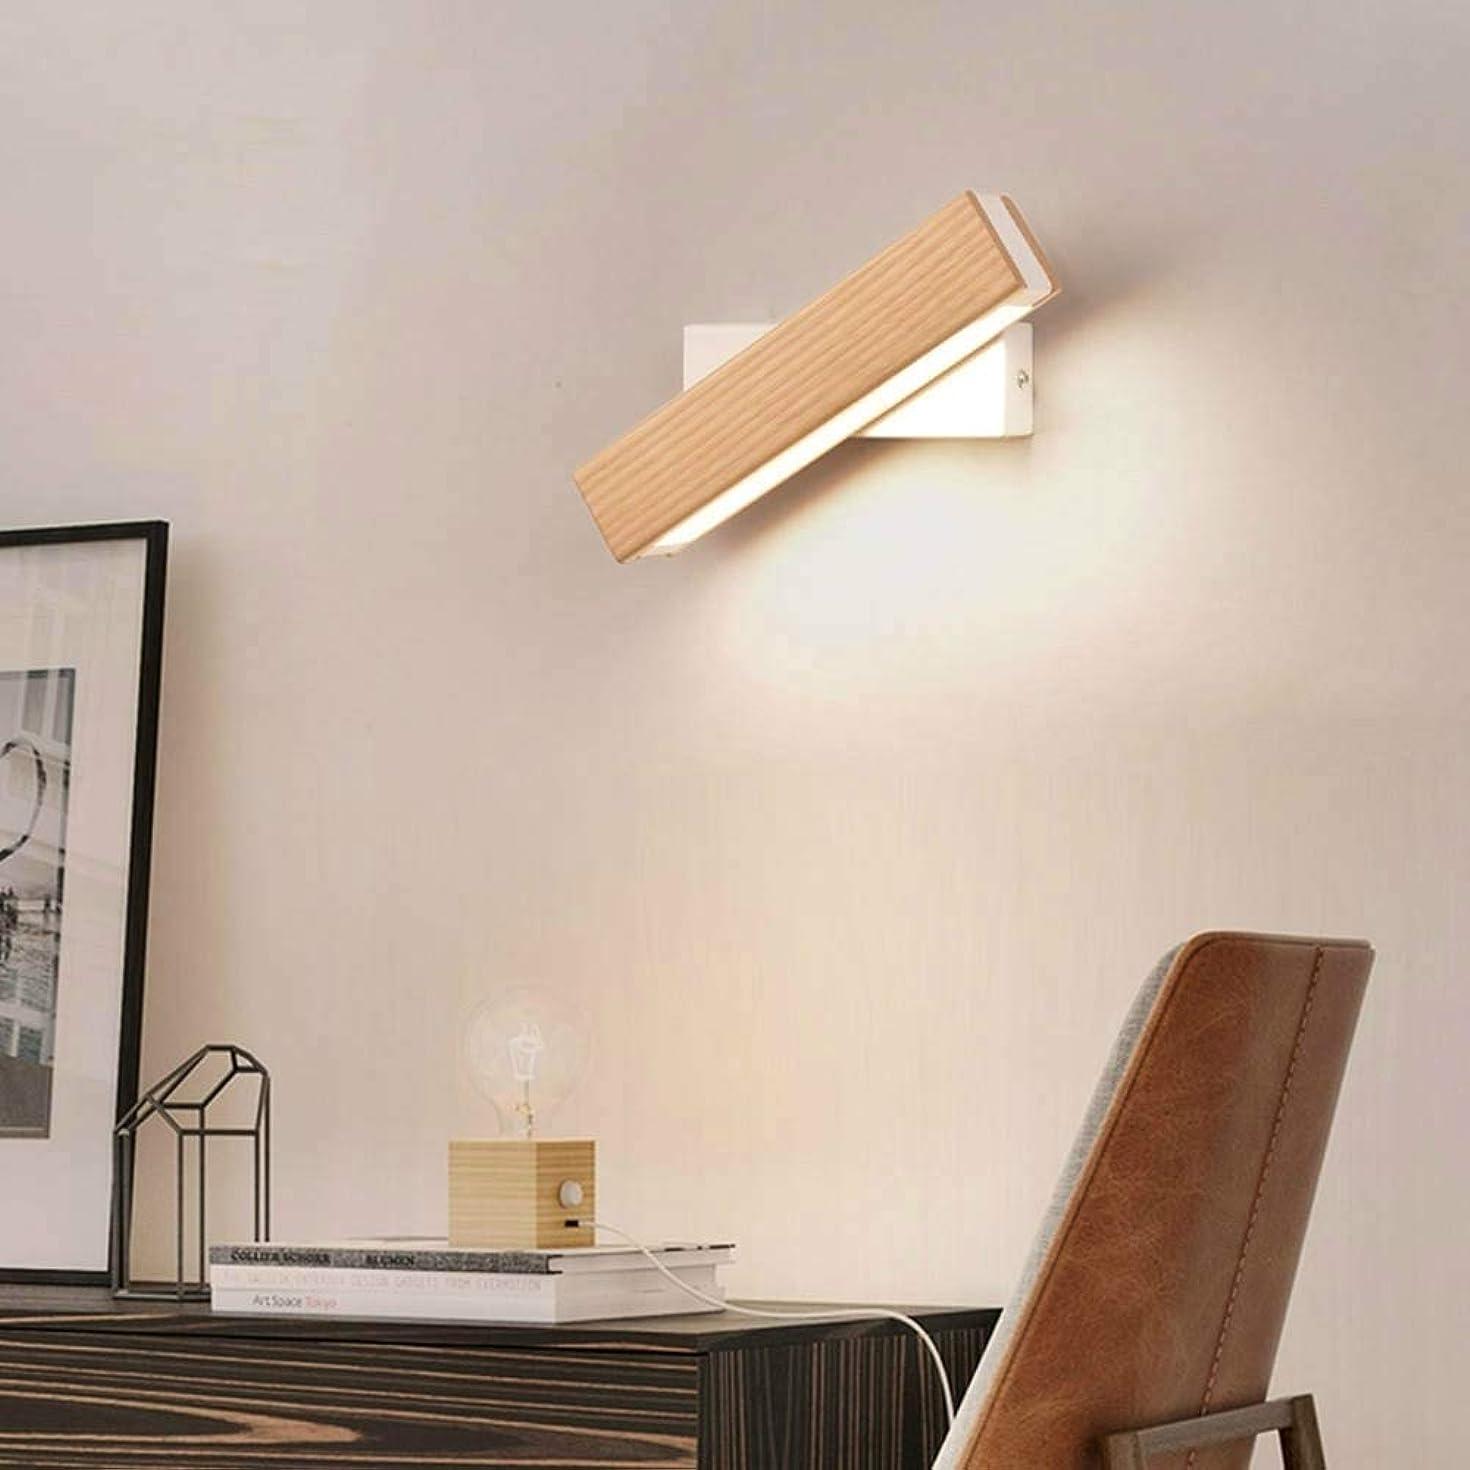 クラス夜間心理的に壁面ライト シンプルな回転ベッドサイドの寝室の壁ランプ暖かい夜の光 (色 : Wood)